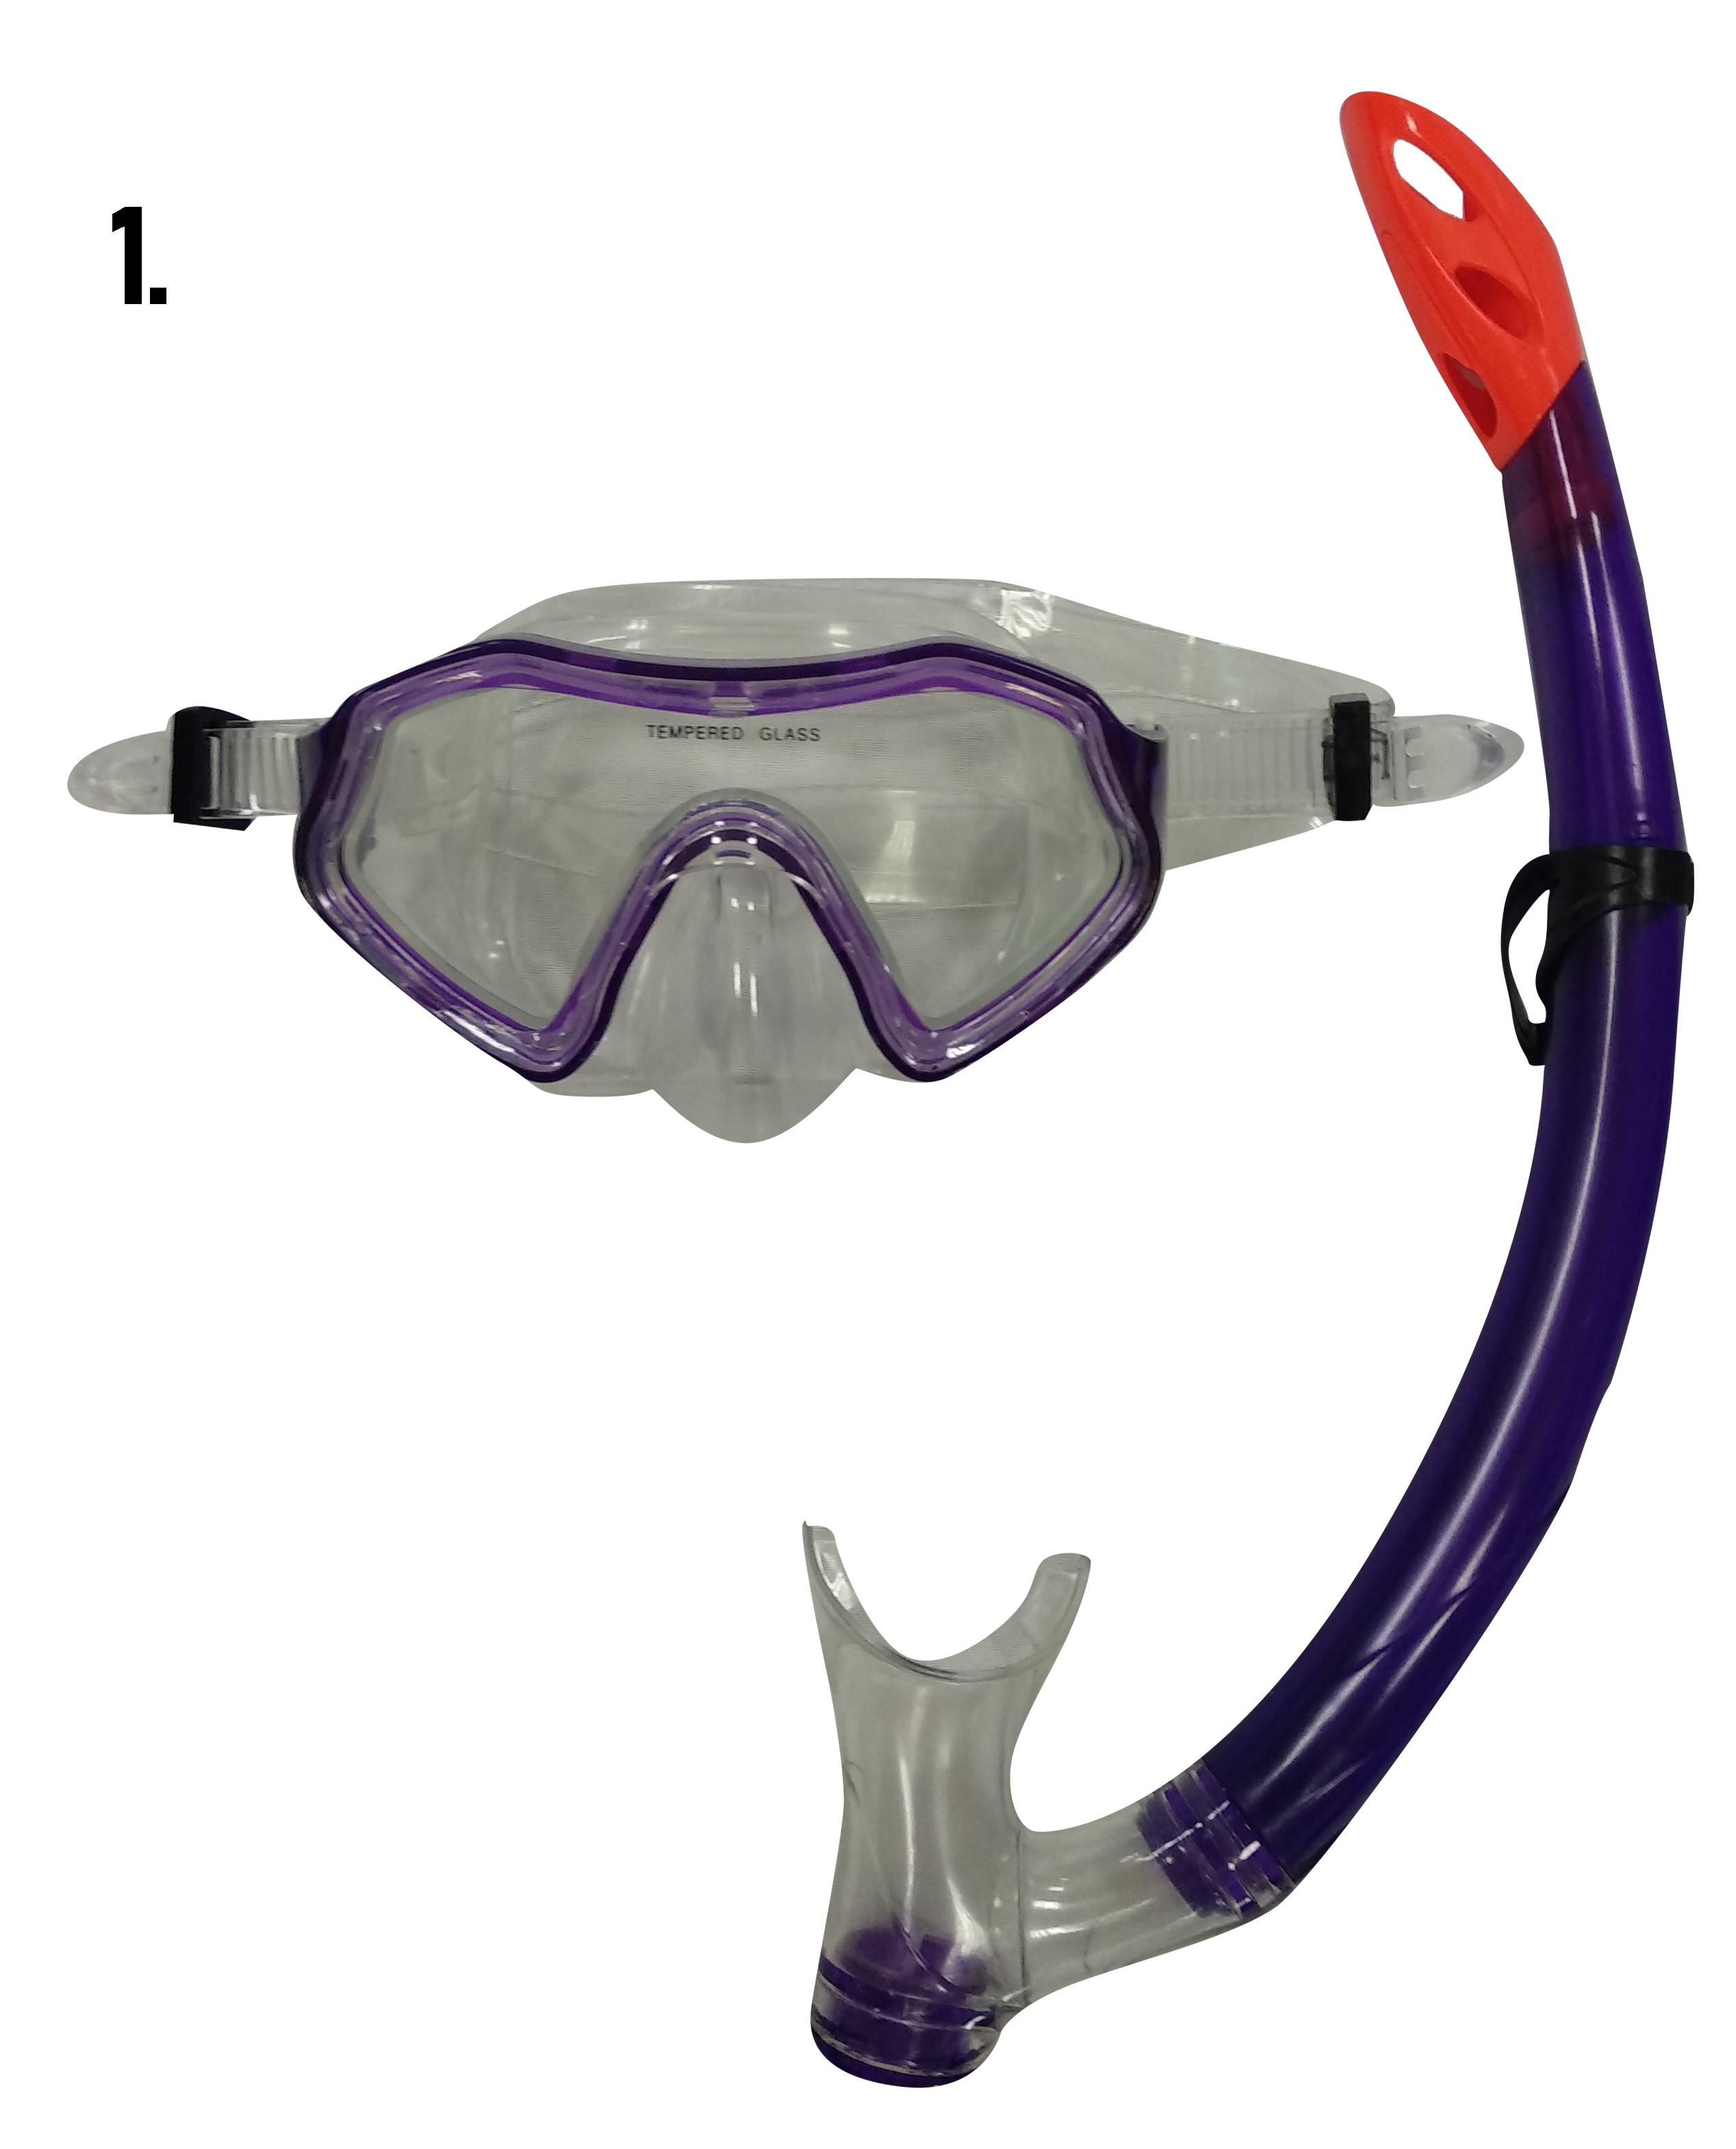 Μάσκα Θαλάσσης με Αναπνευστήρα Εφηβική 3 Χρώματα (03.MS-1701P)